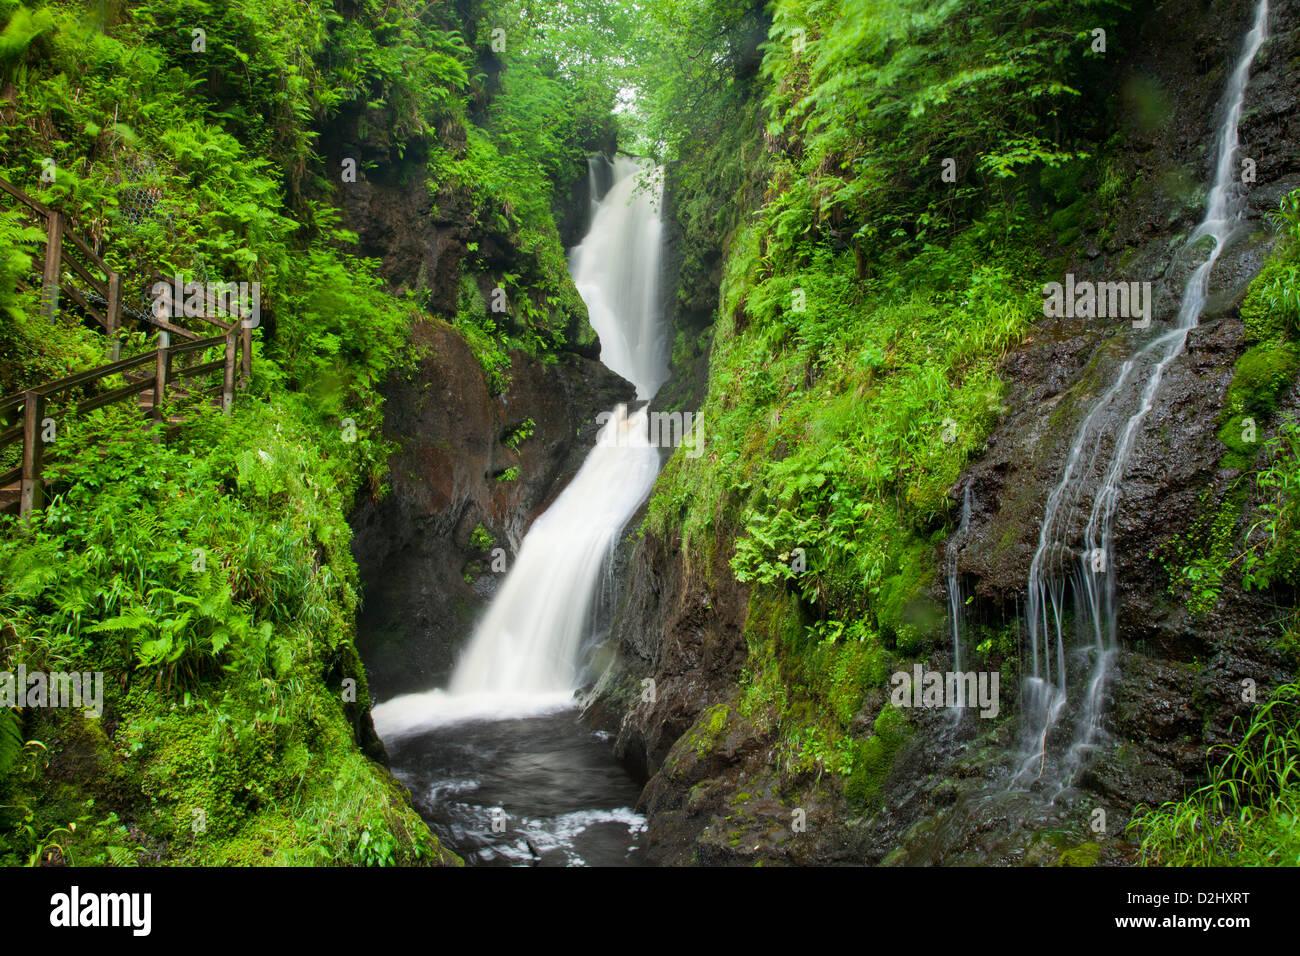 Ess-na-Larach cascada, Glenariff Forest Park, Condado de Antrim, Irlanda del Norte. Imagen De Stock